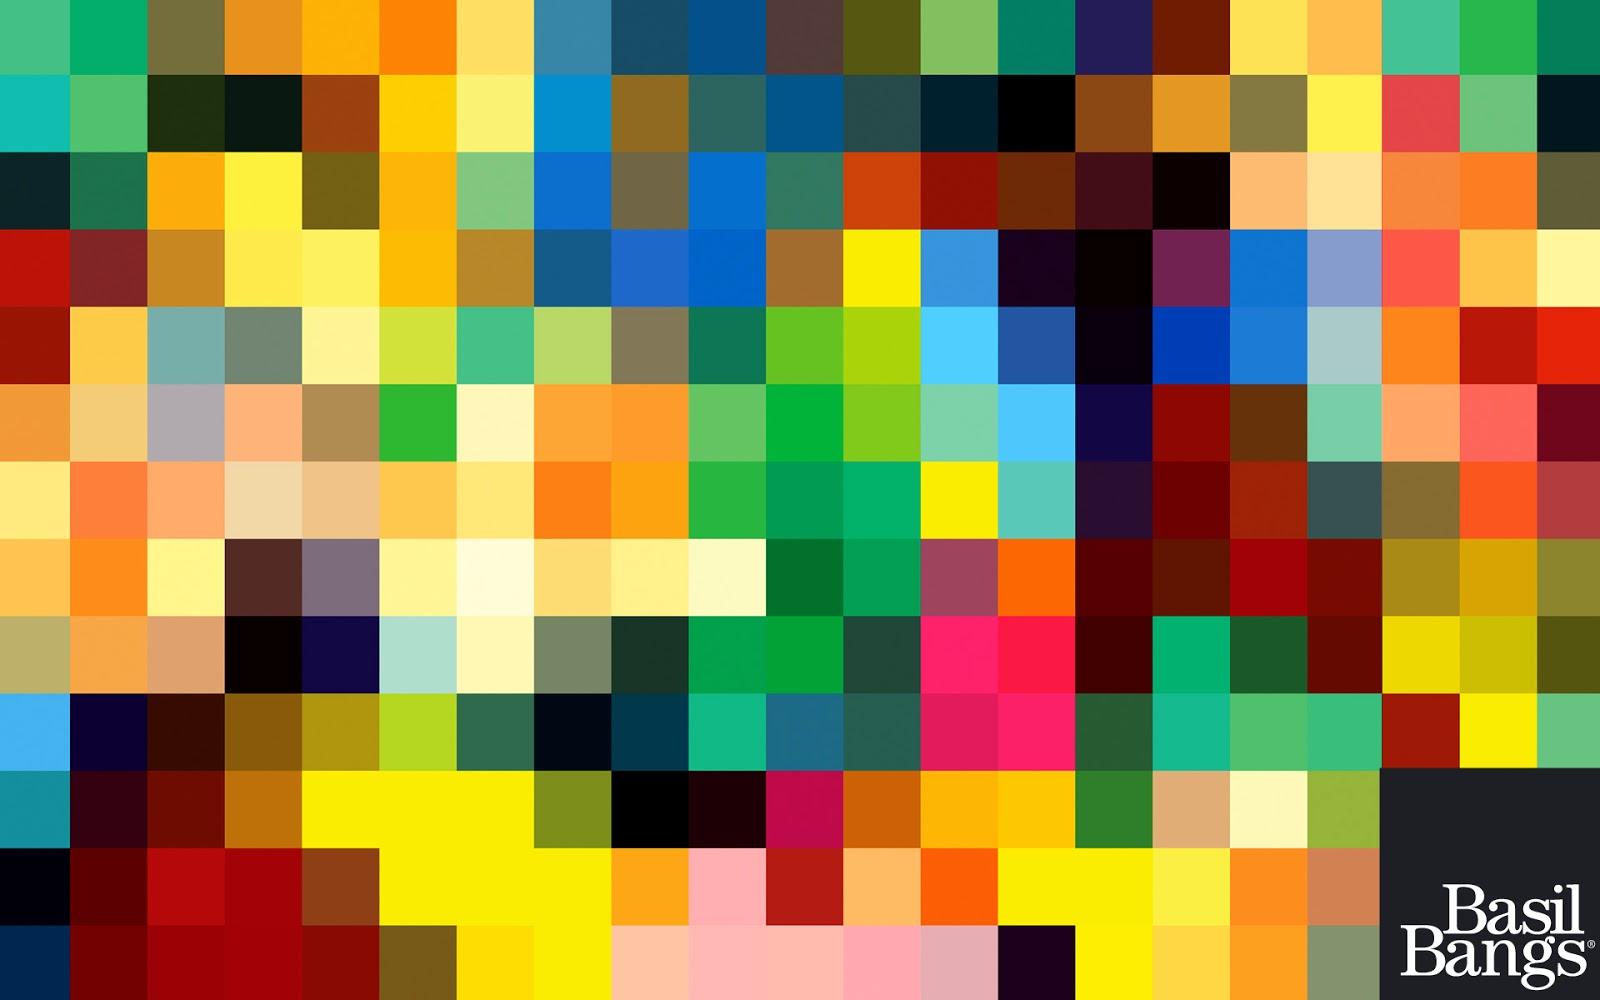 Как снять с пиксели